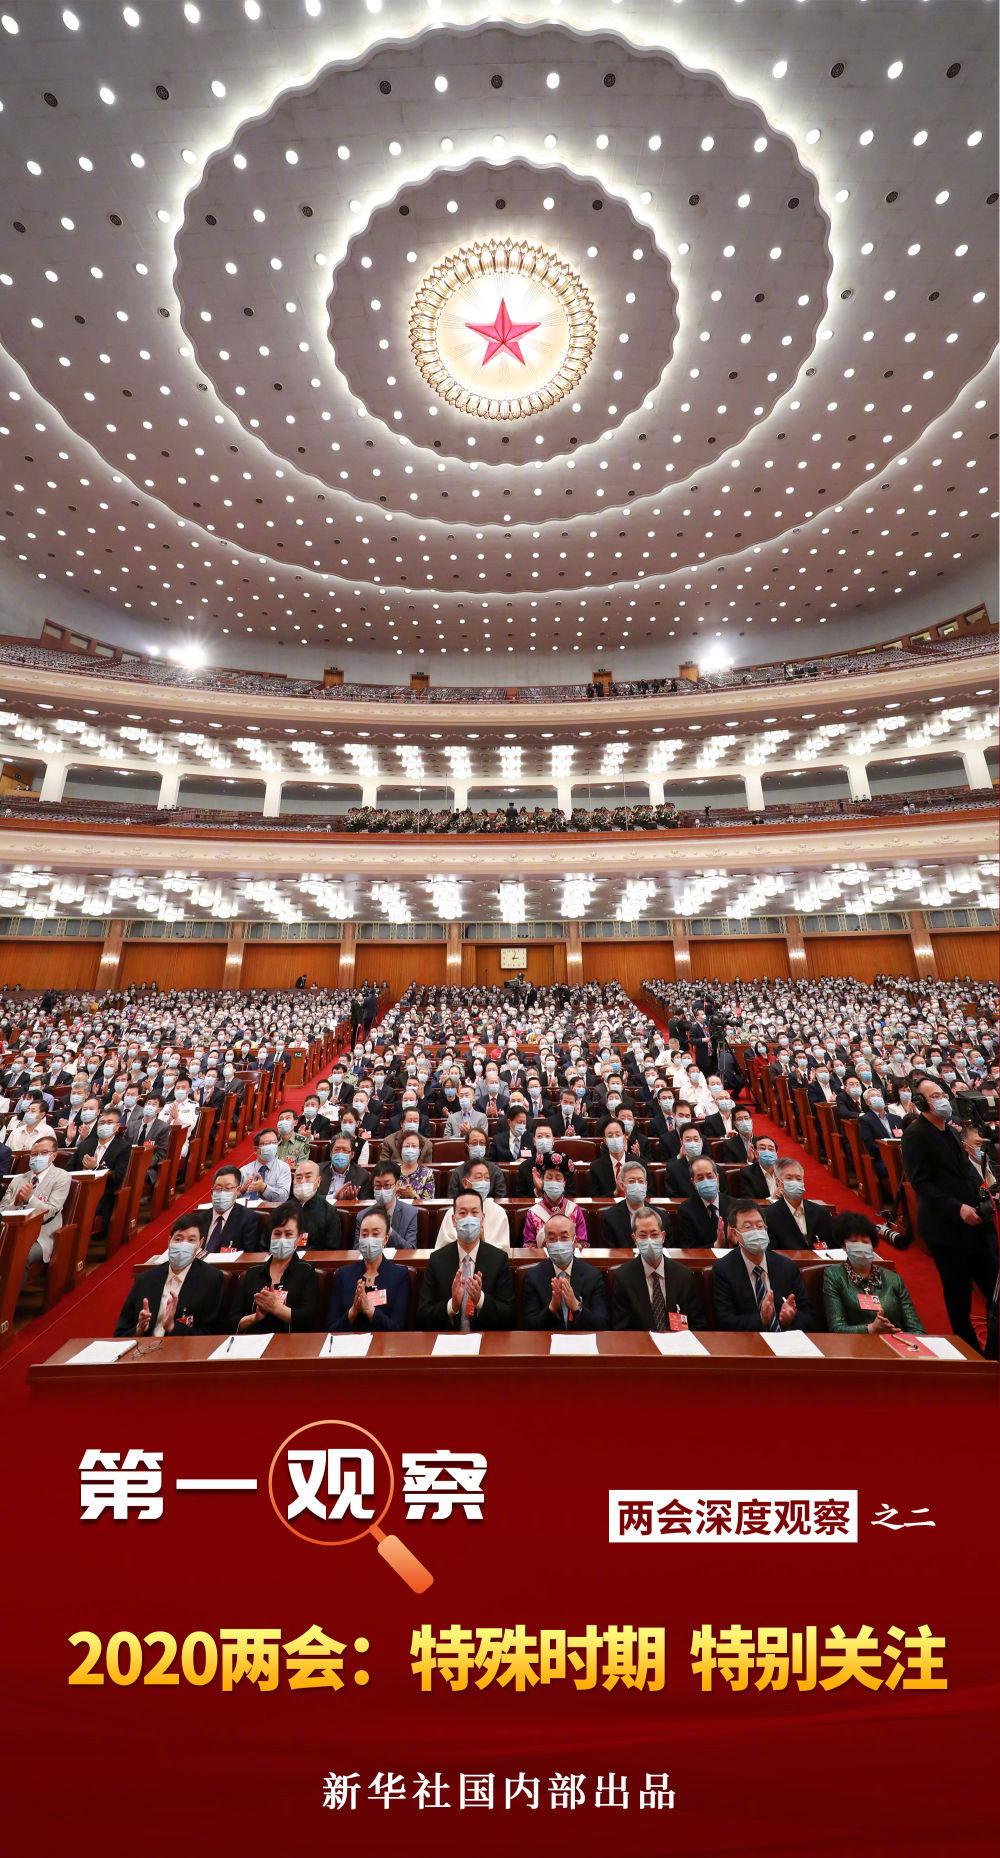 2020两会:特殊时期 特别关注-中国网地产